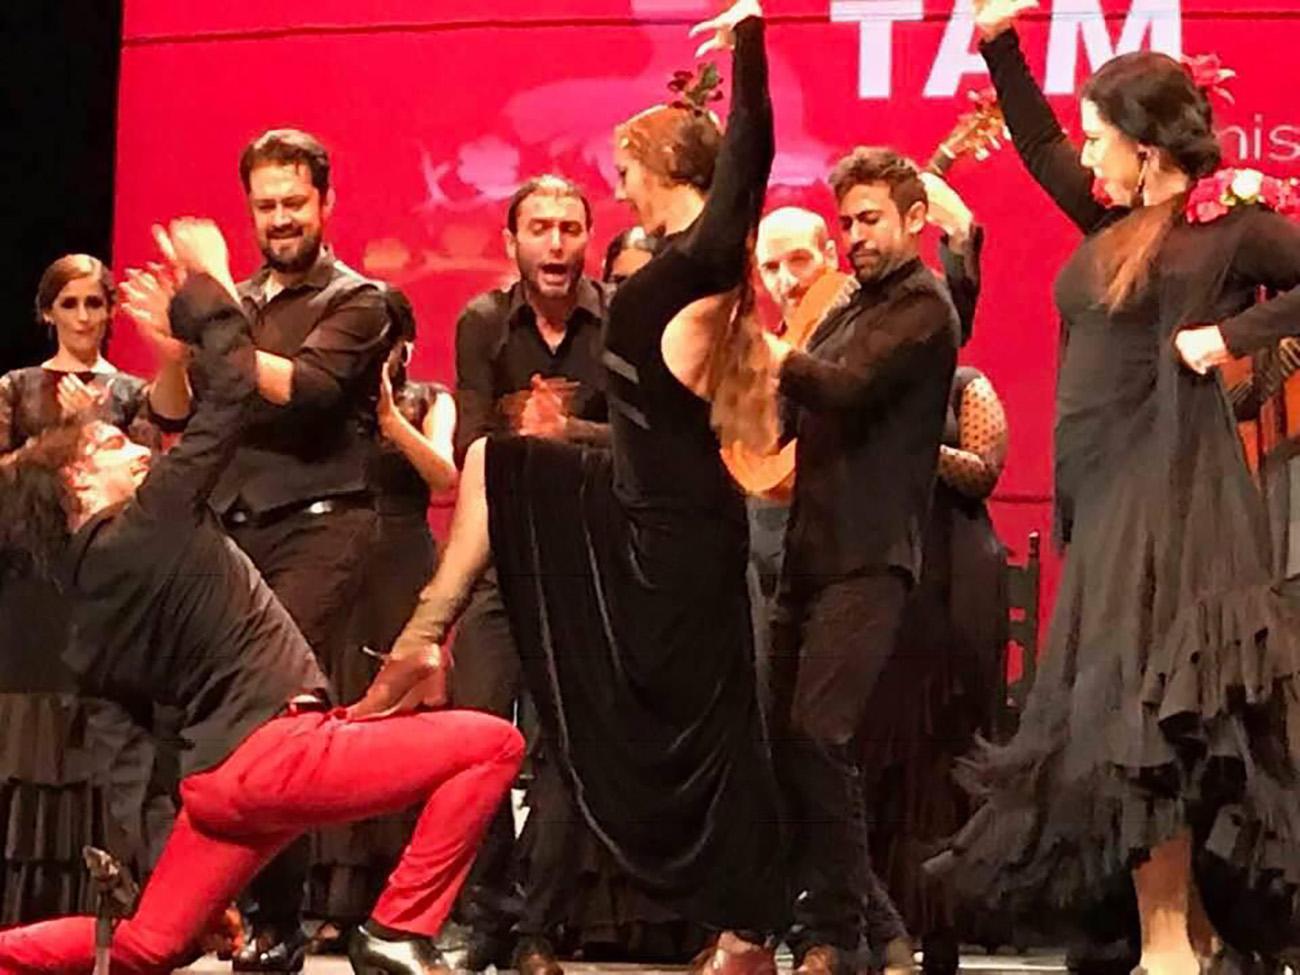 Fin de fiesta en la primera edición de Flamenco Tam Fest. Foto: Cecilia Vázquez